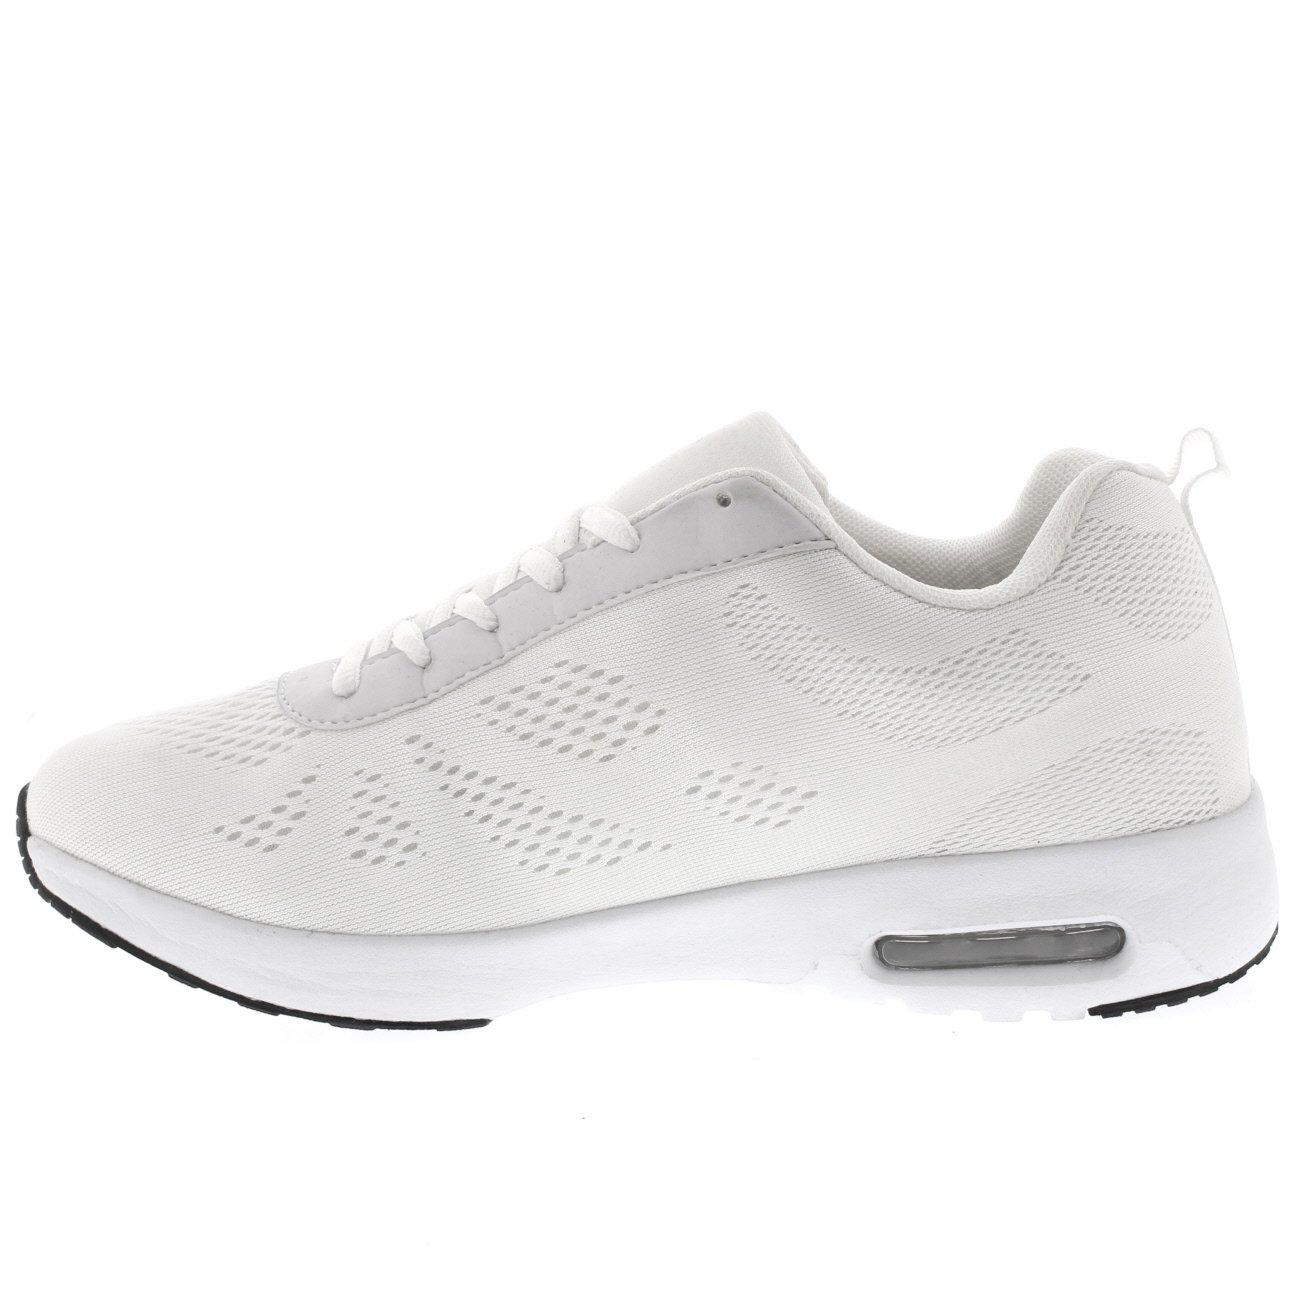 new photos 2a32d dcc0d En Poids Hommes Léger Sport Marchant Chaussures D'air Mode Bulle 1wf0I